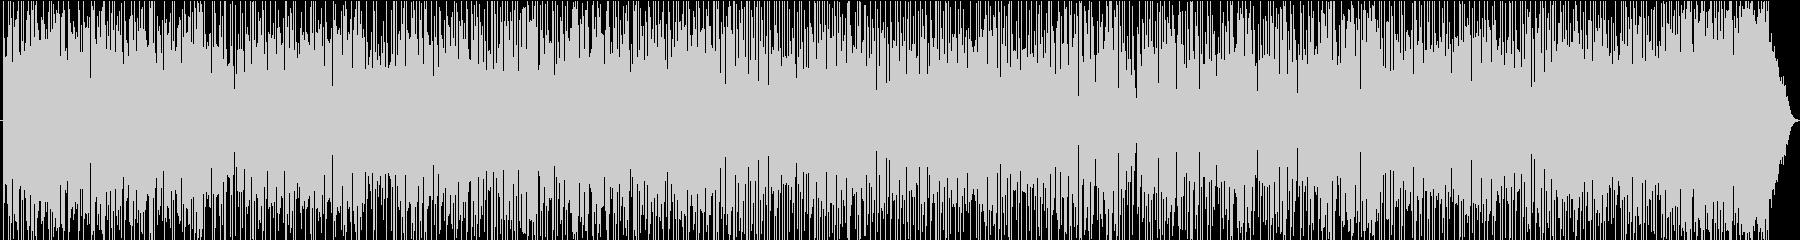 ボサノバ、ピアノバー。フルートソロの未再生の波形